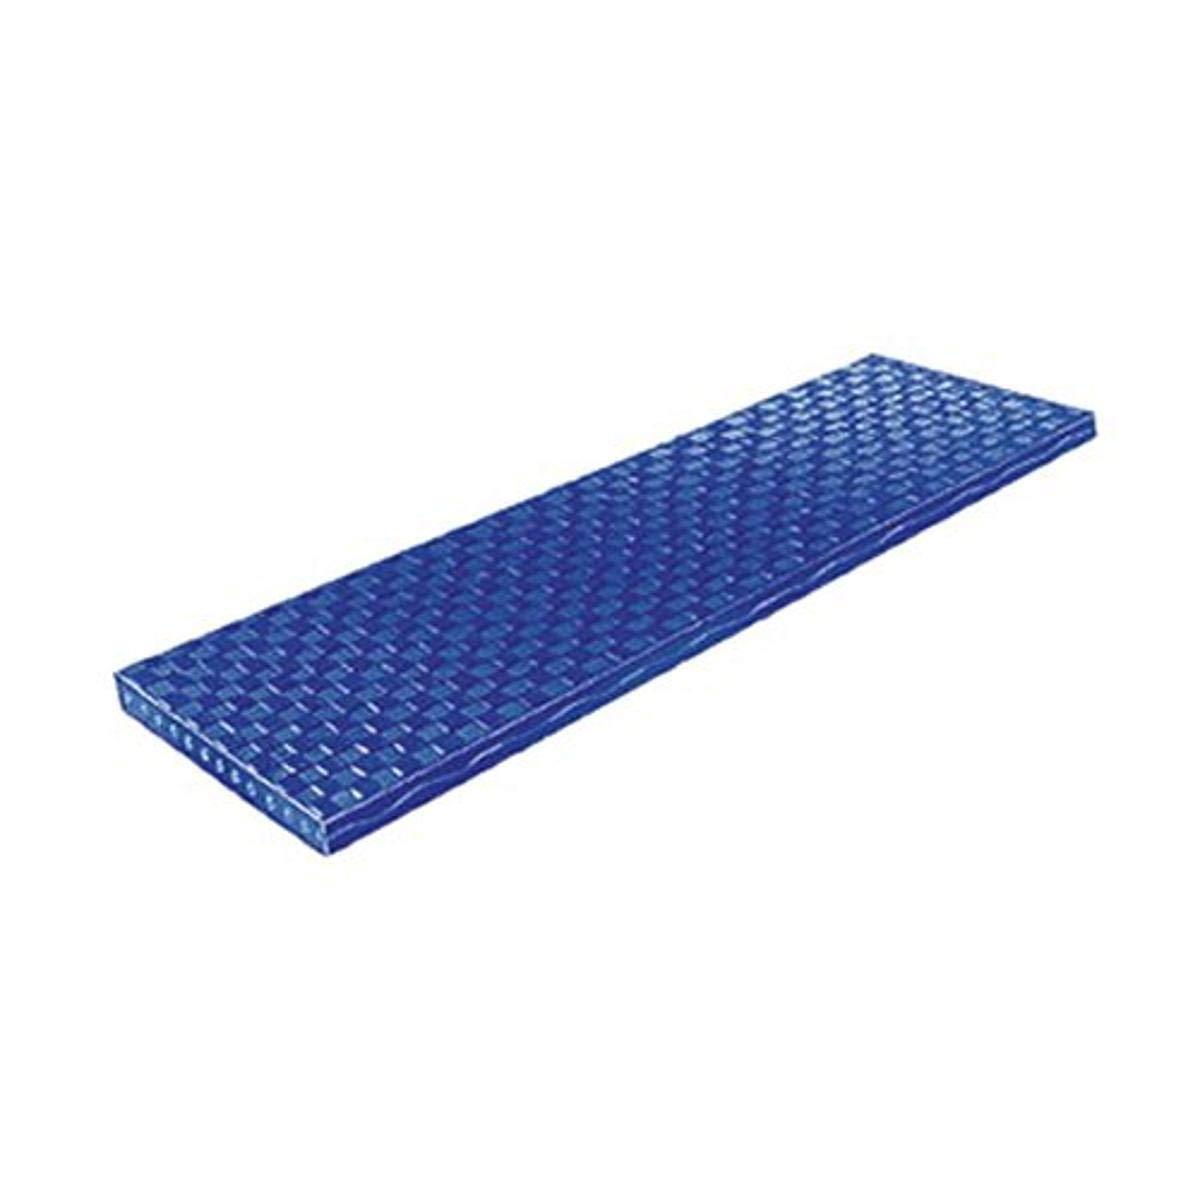 Jason Industrial 96.0M150 Jason Type 400 Endless Woven Flat Belt